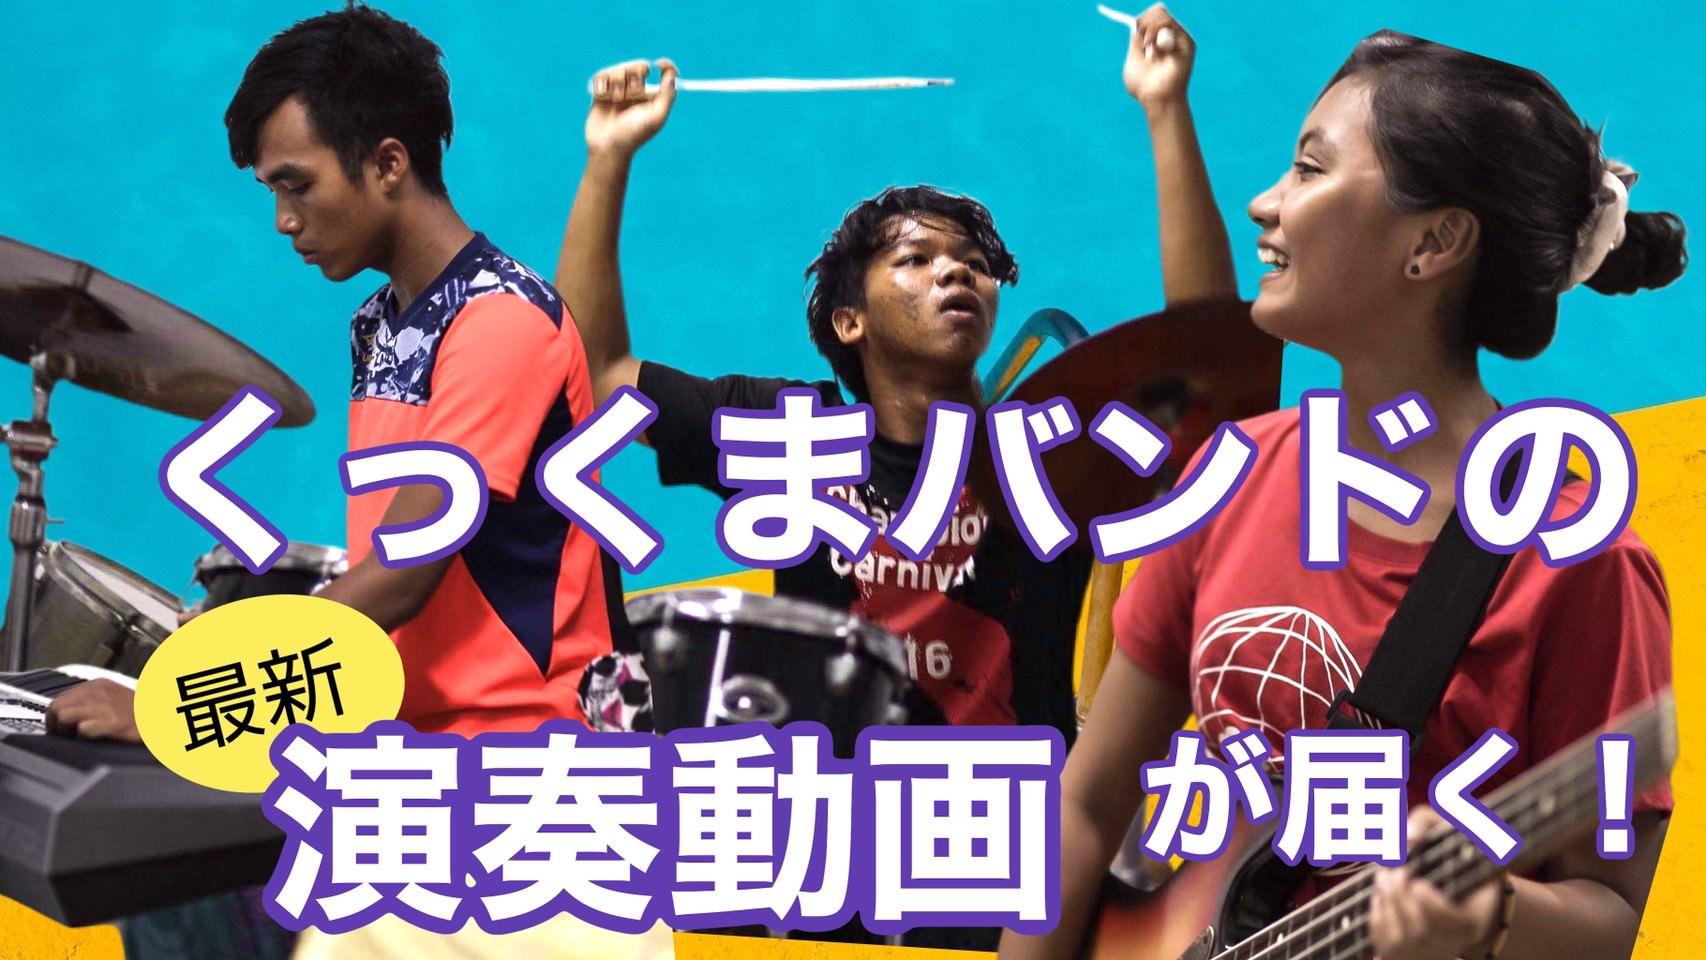 単発3,000円 くっくまバンドチームの演奏動画がQRコード読み取り型で届く